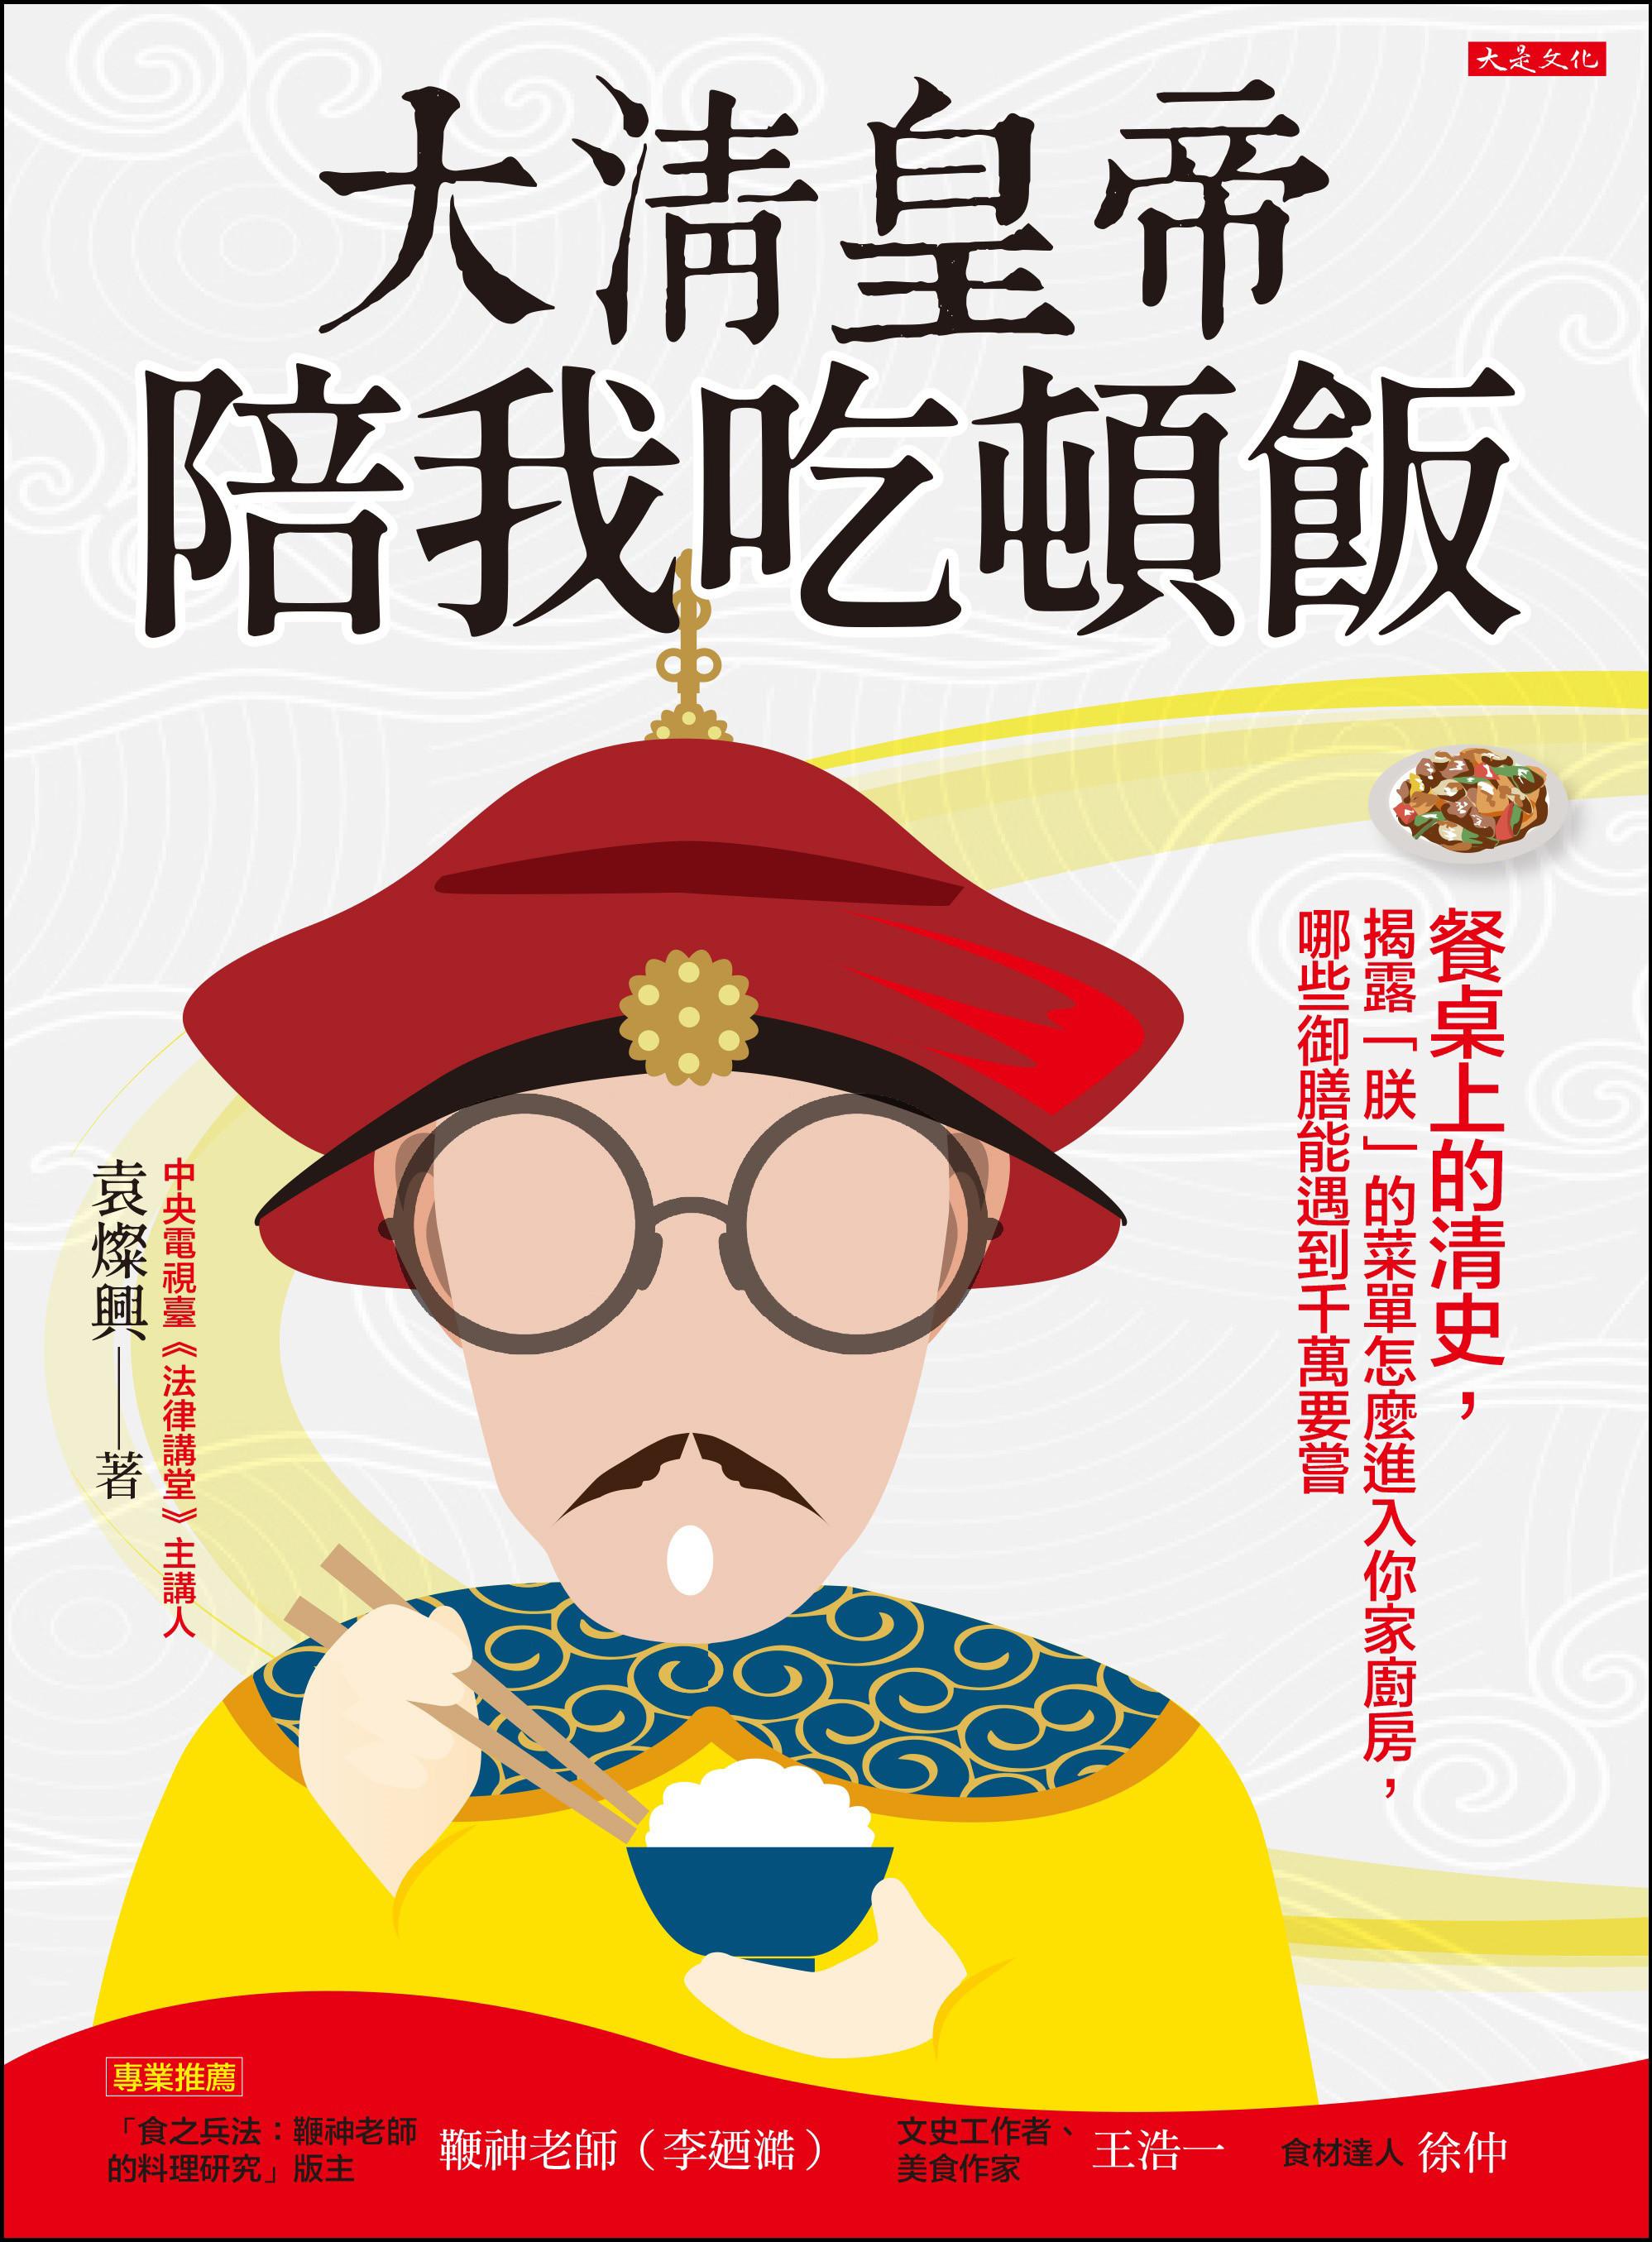 ▲▼大清皇帝陪我吃頓飯封面(圖/大是文化提供)